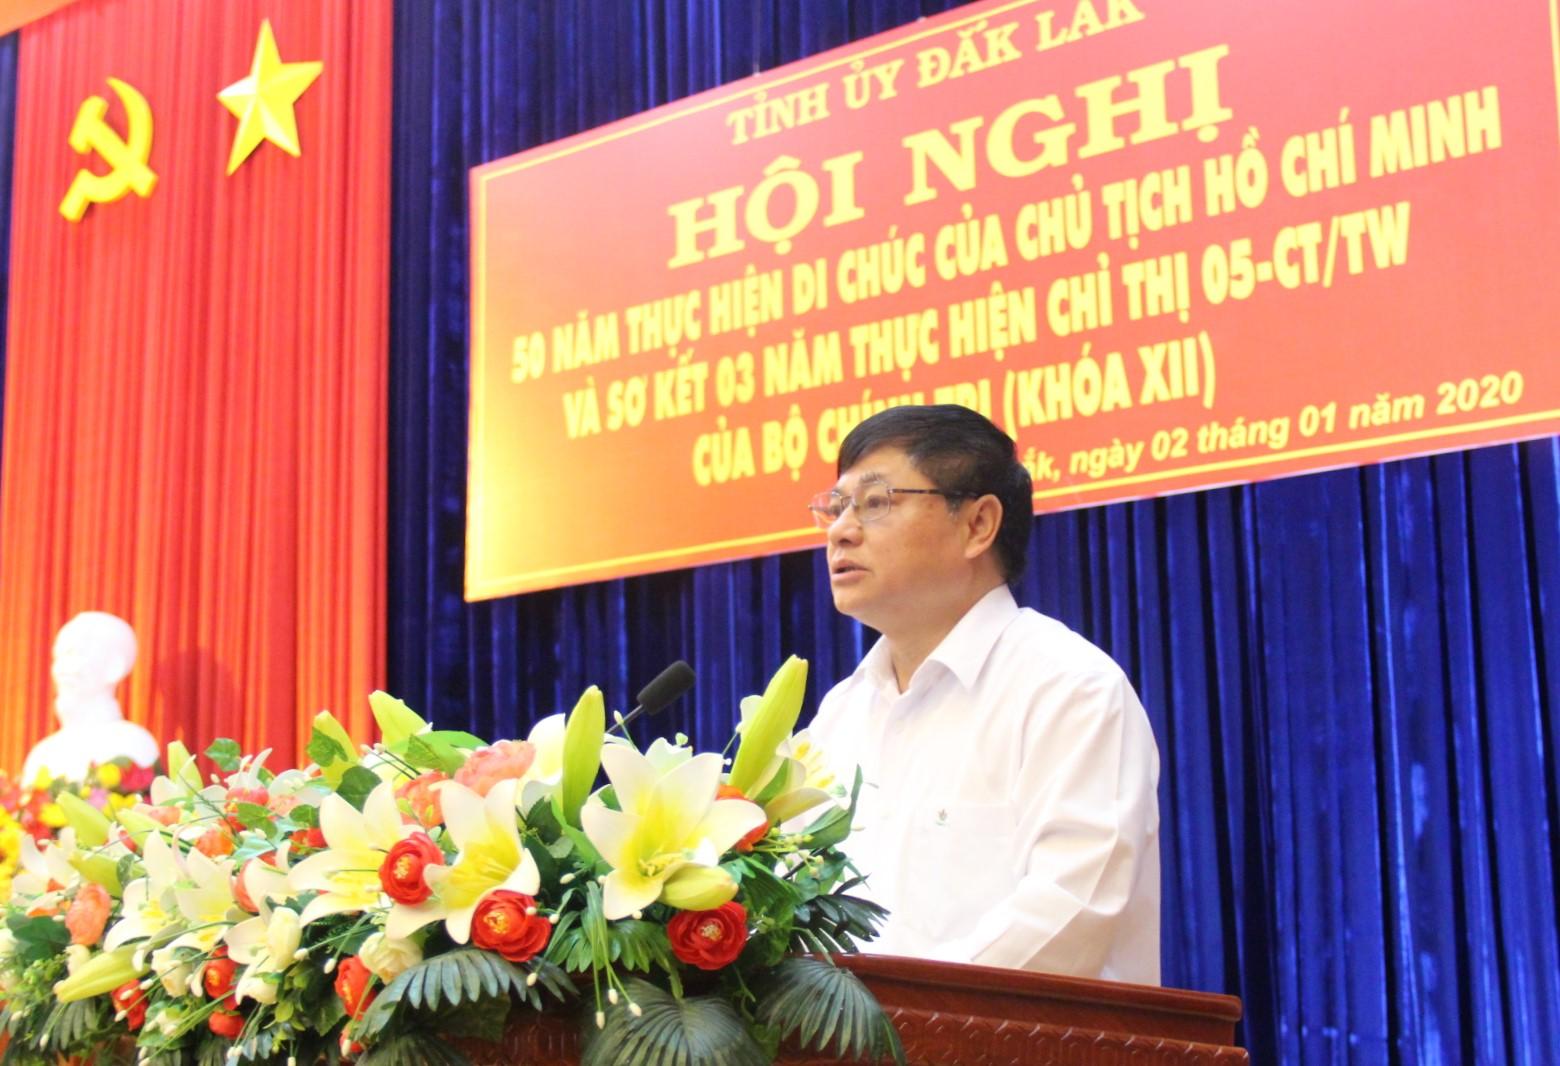 Đẩy mạnh thực hiện hiệu quả Di chúc Chủ tịch Hồ Chí Minh và Chỉ thị 05-CT/TW của Bộ Chính trị